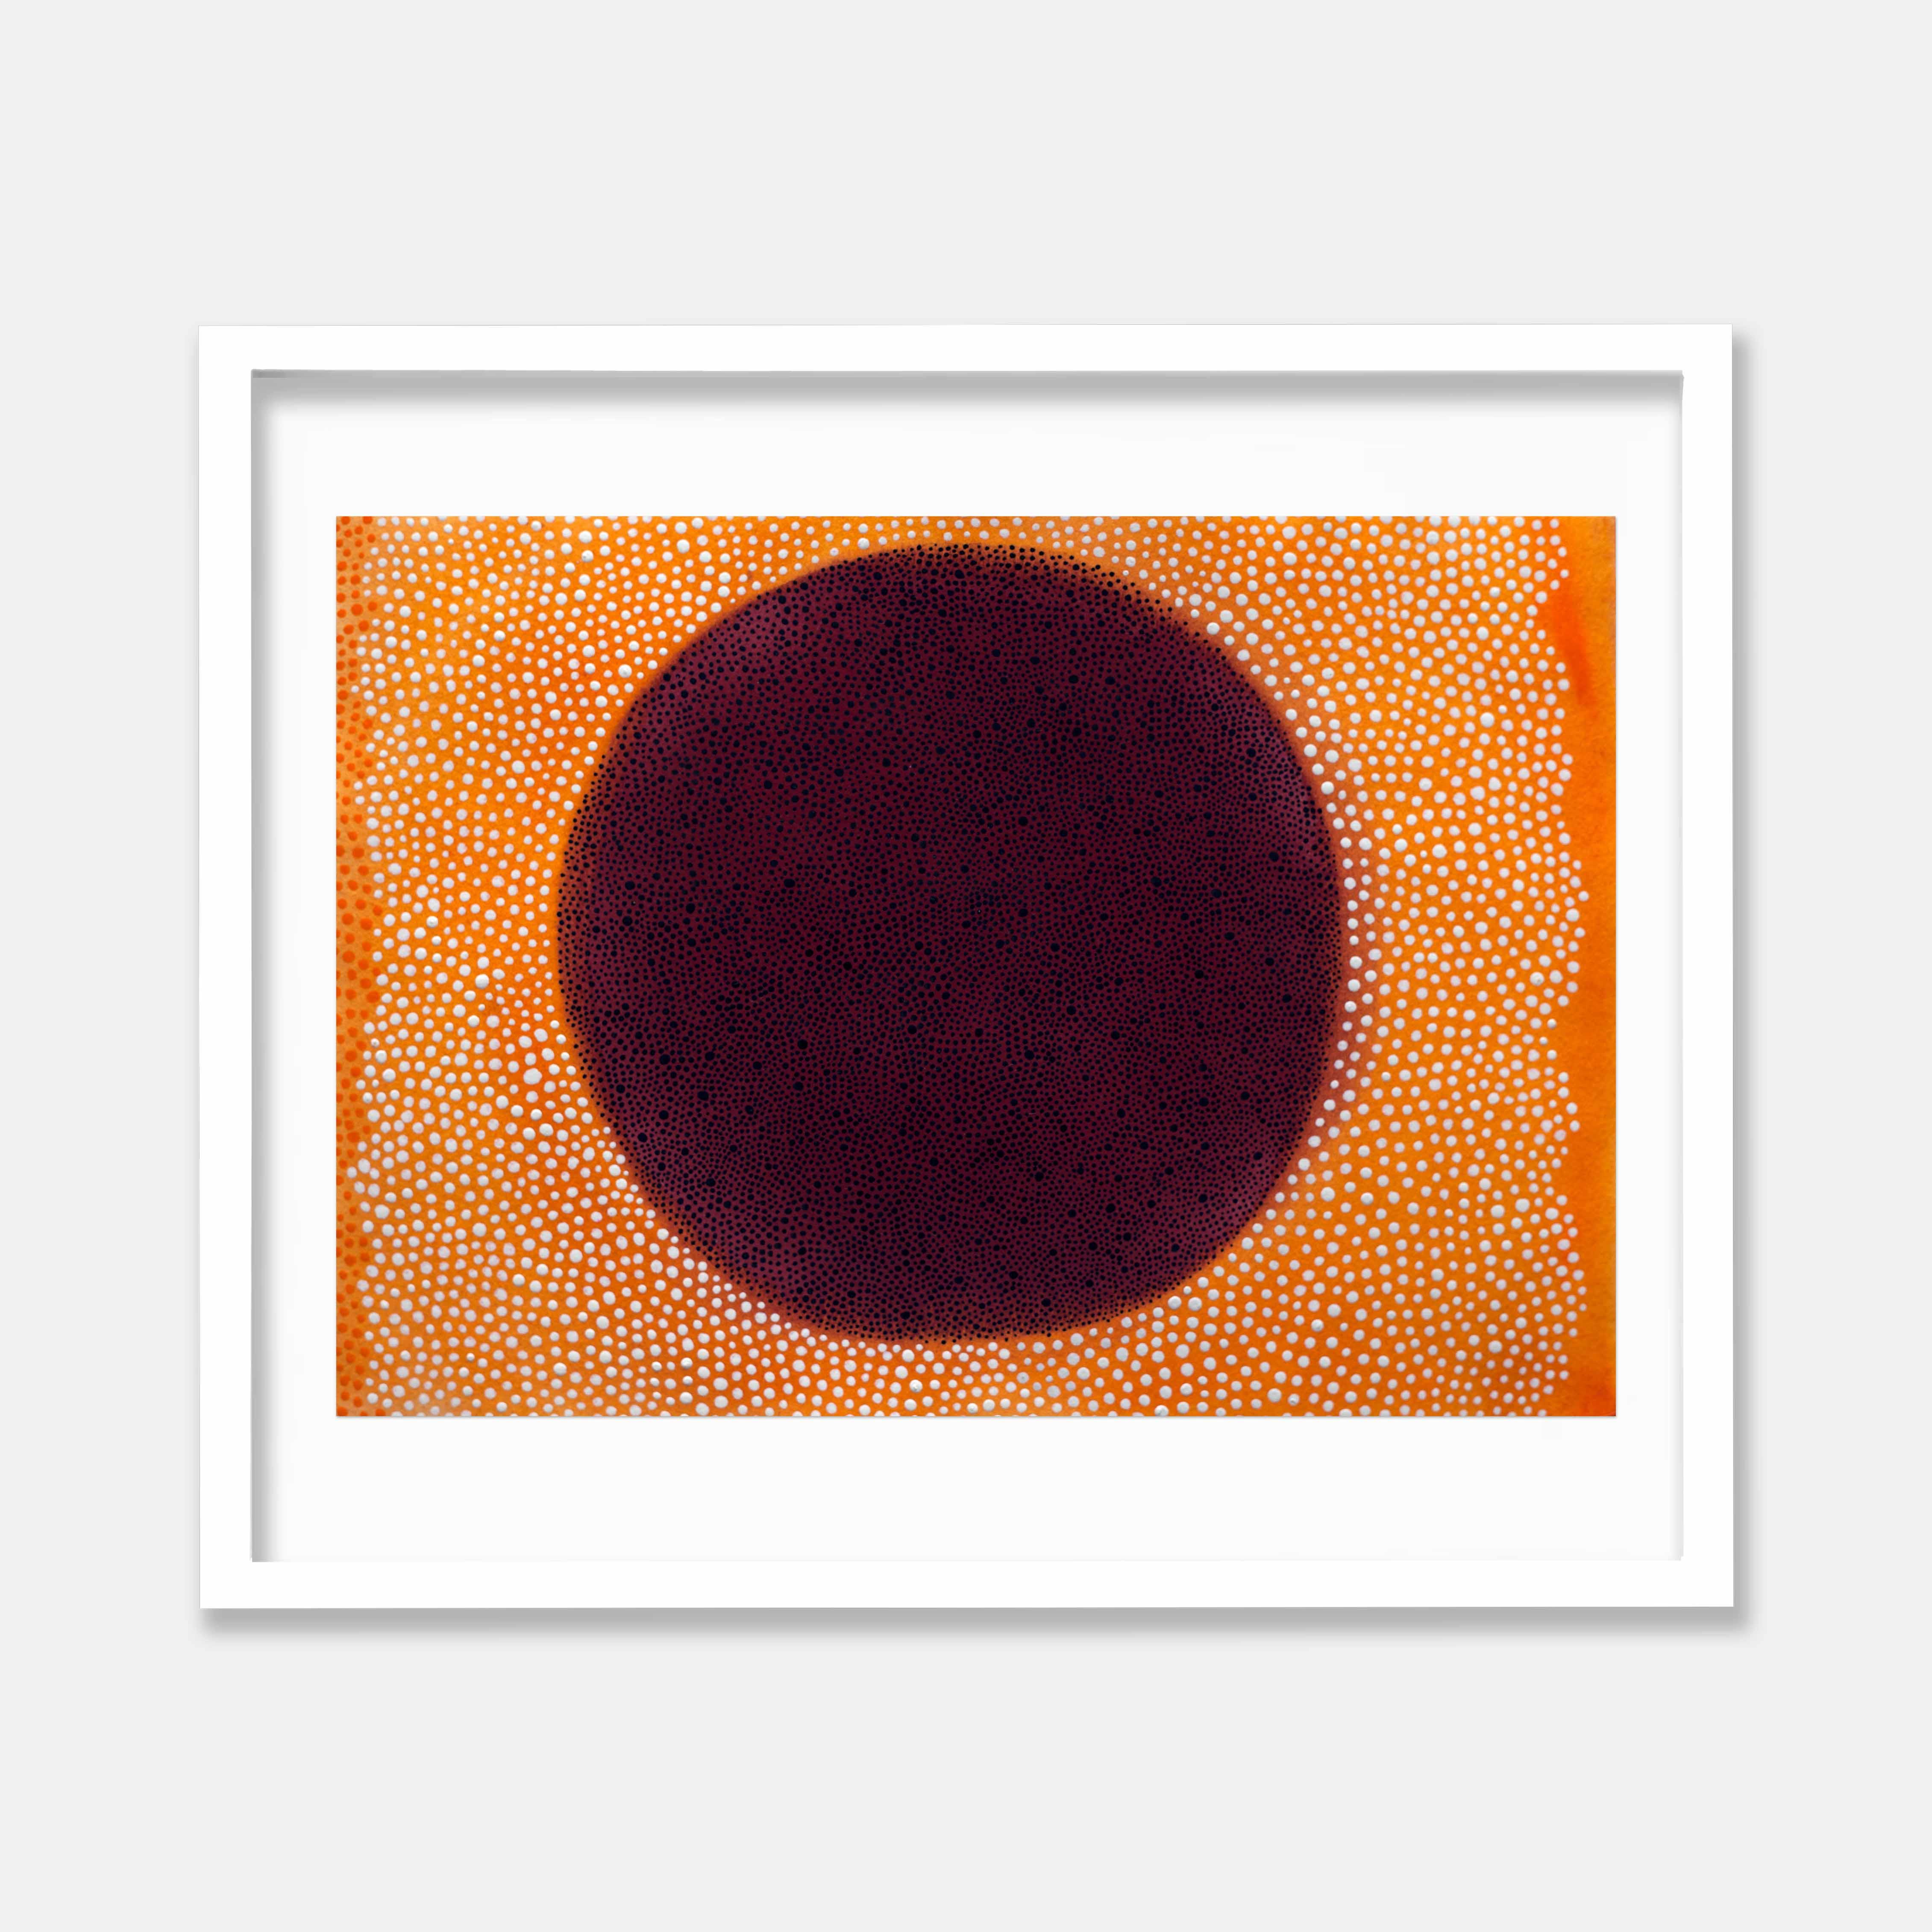 Sunspots I